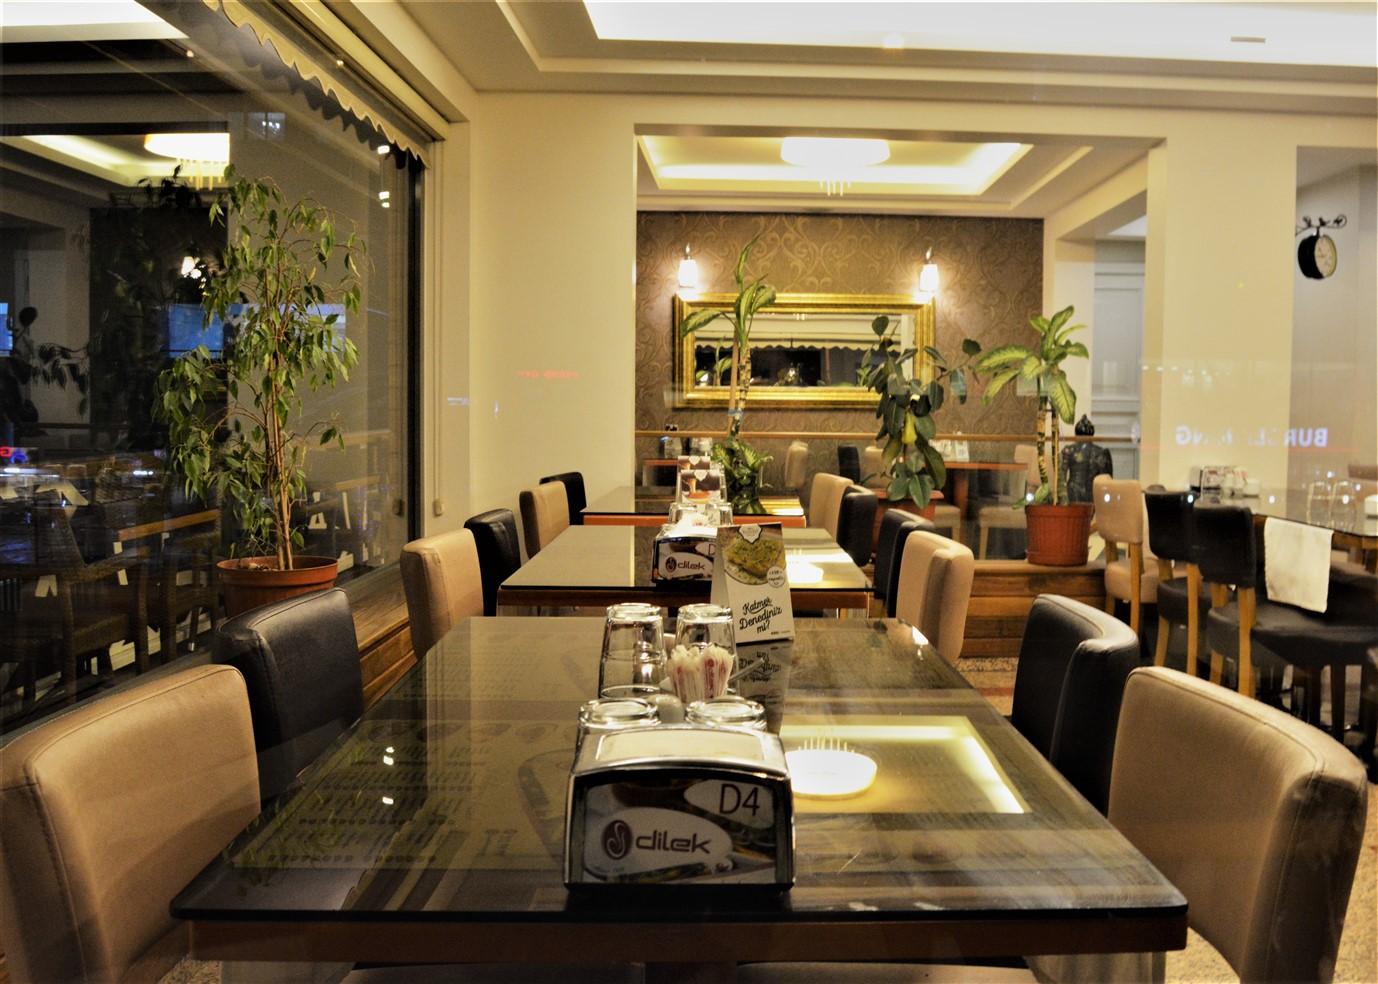 Dilek et restoran (1)